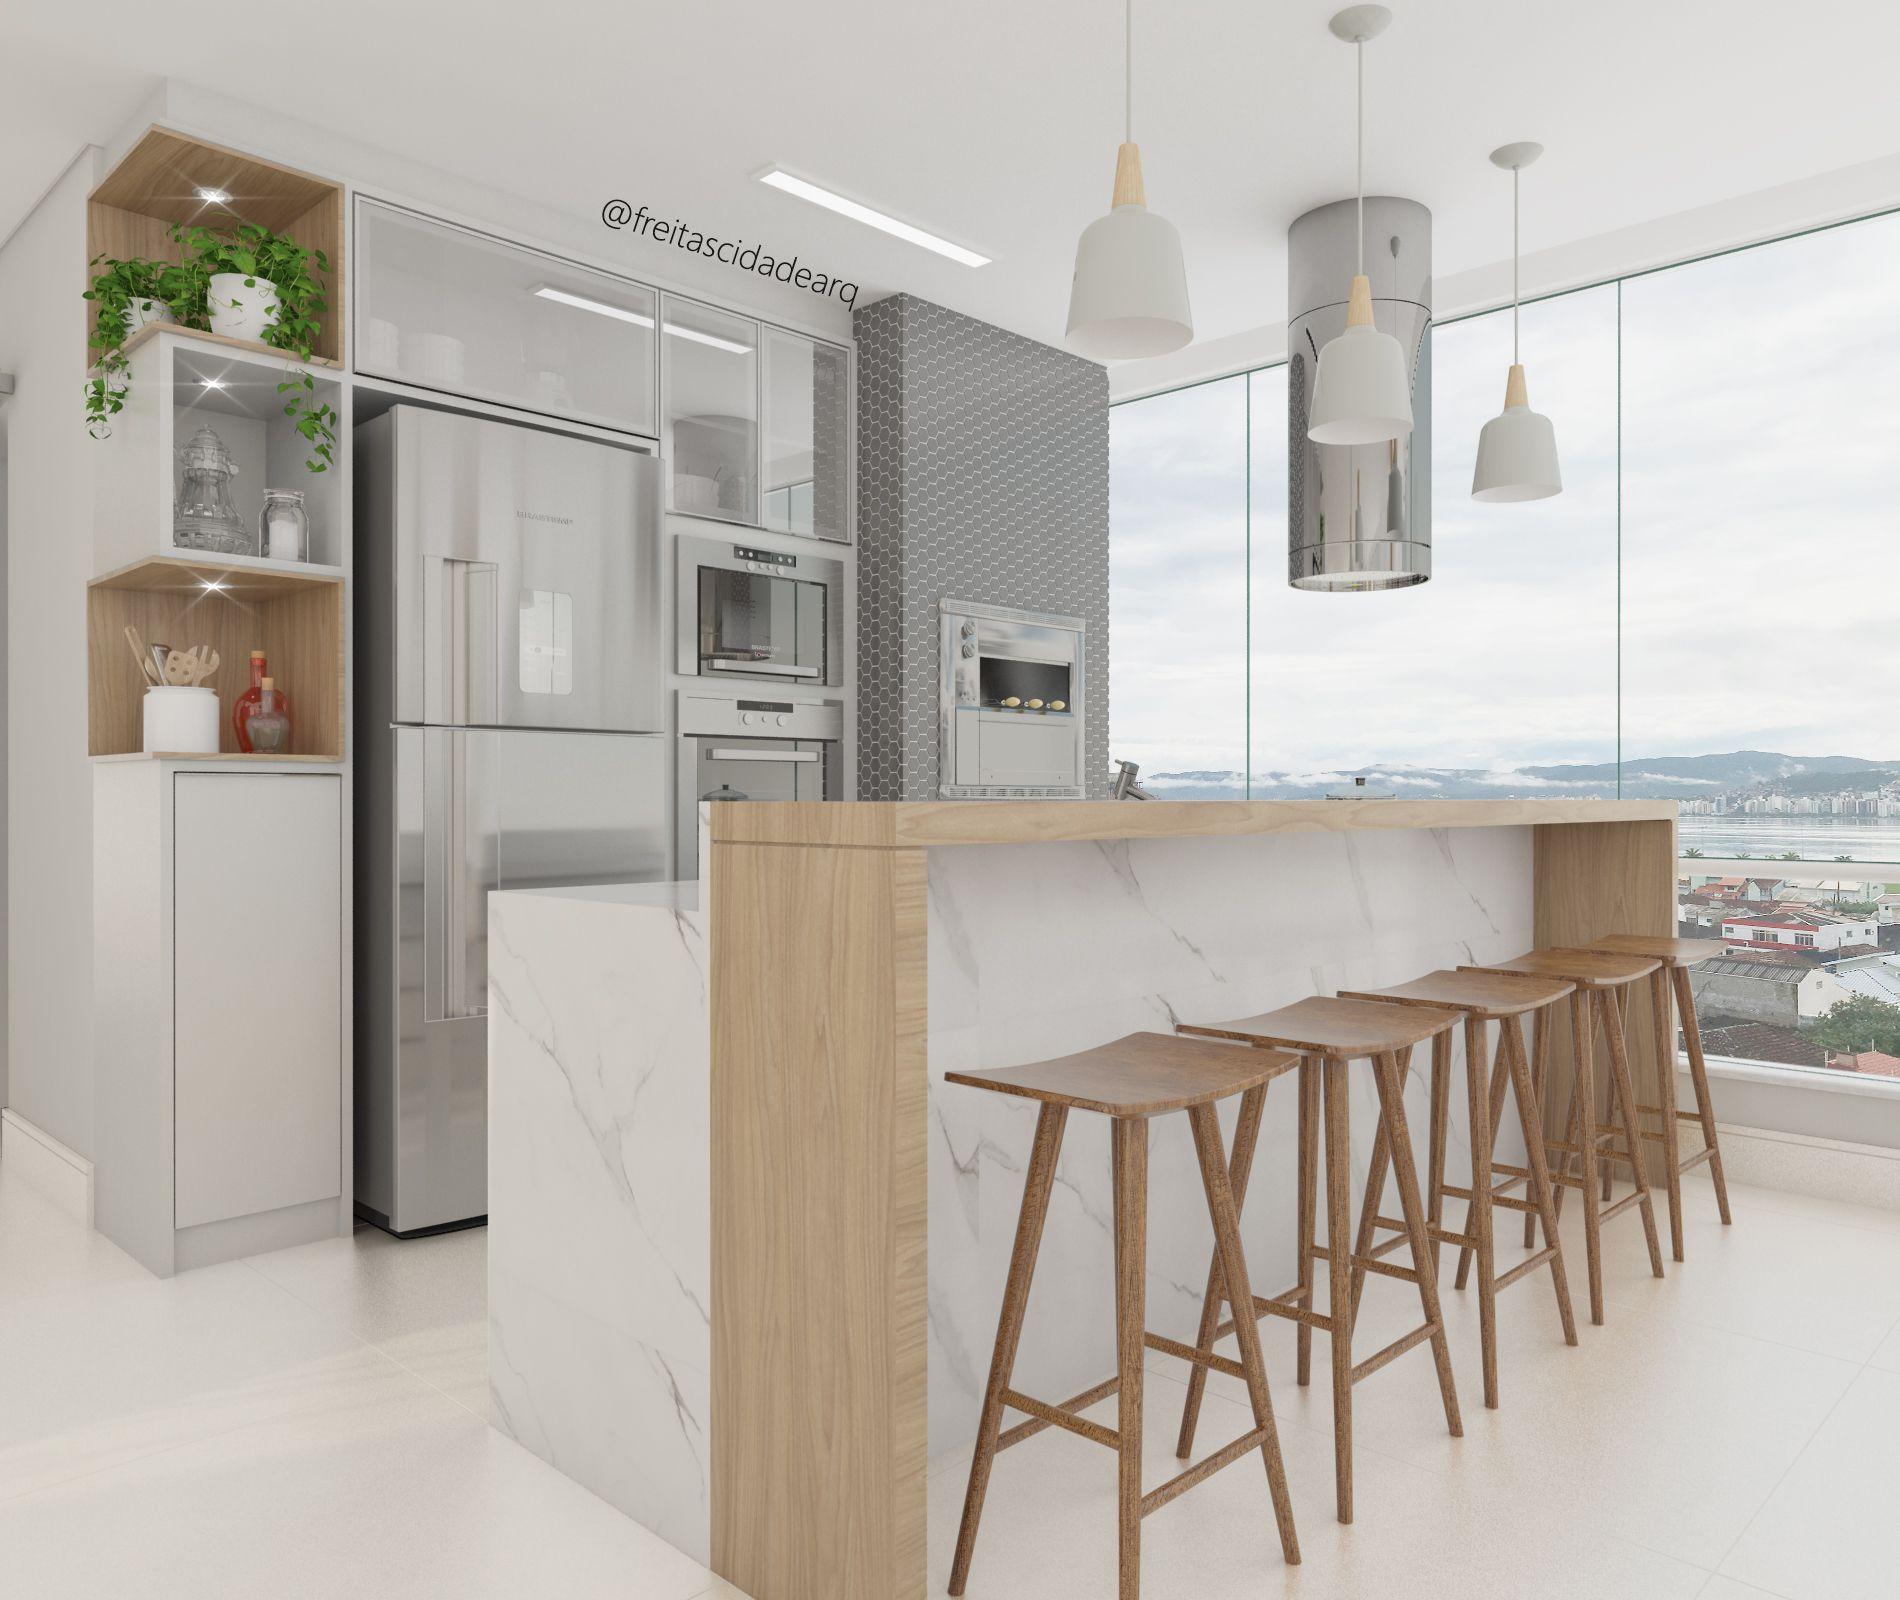 Rea Gourmet De Um Edif Cio Residencial Projeto Por Freitas Cidade